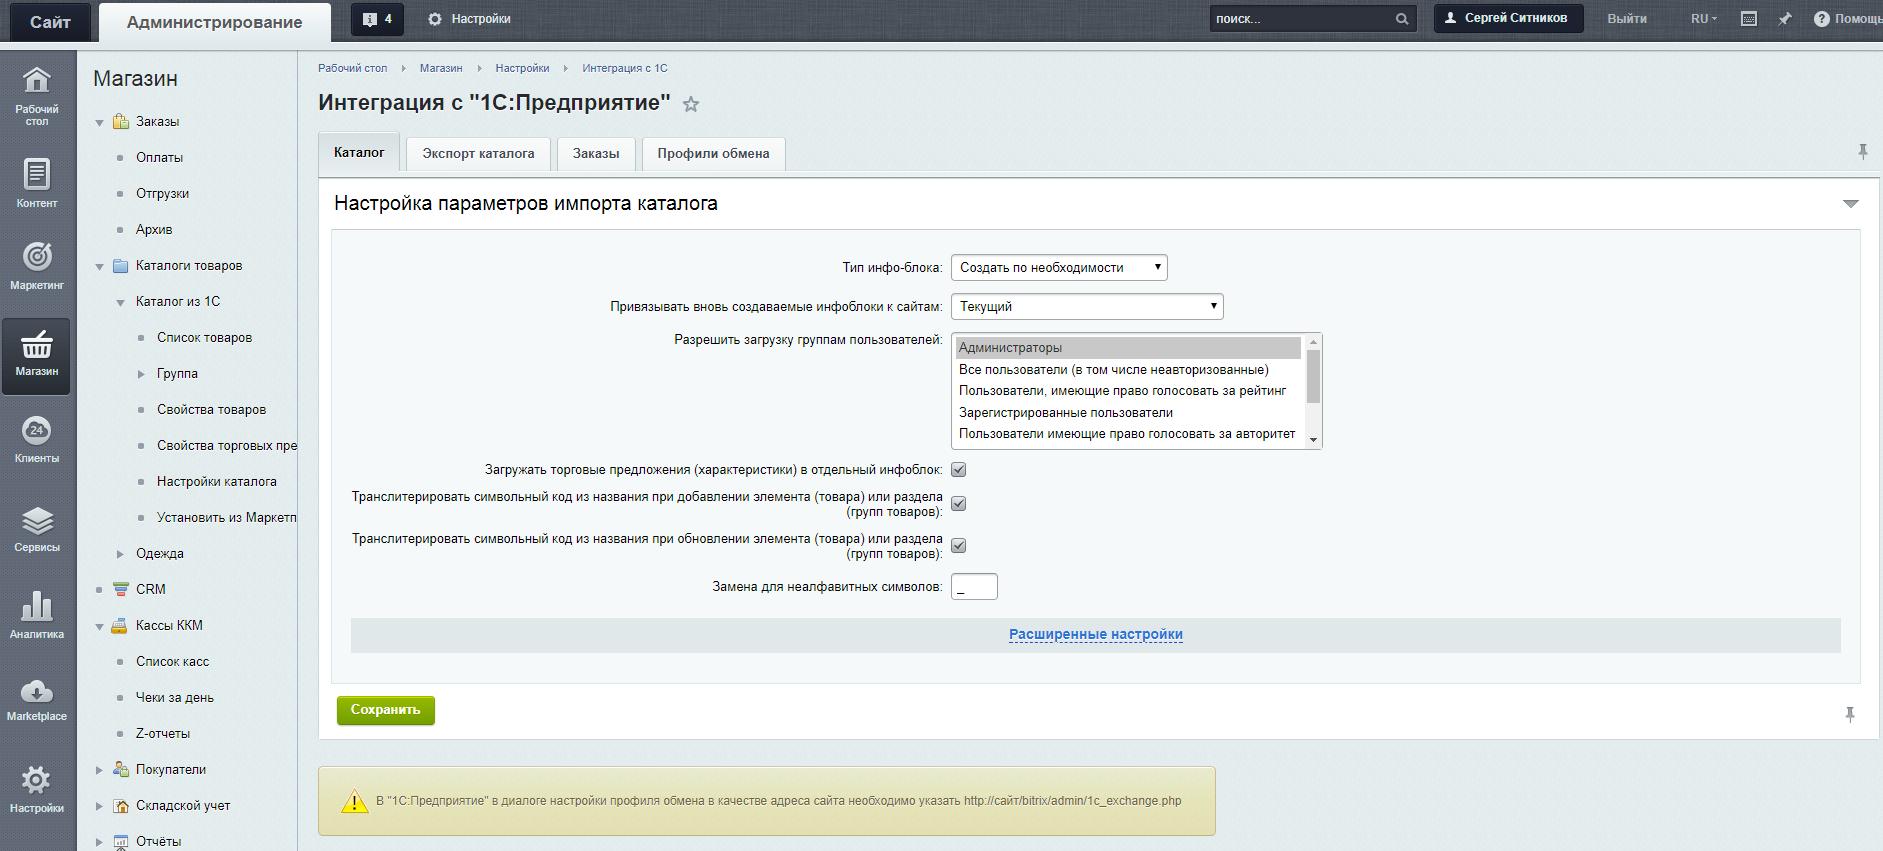 хостинг виртуальный сервер или vds